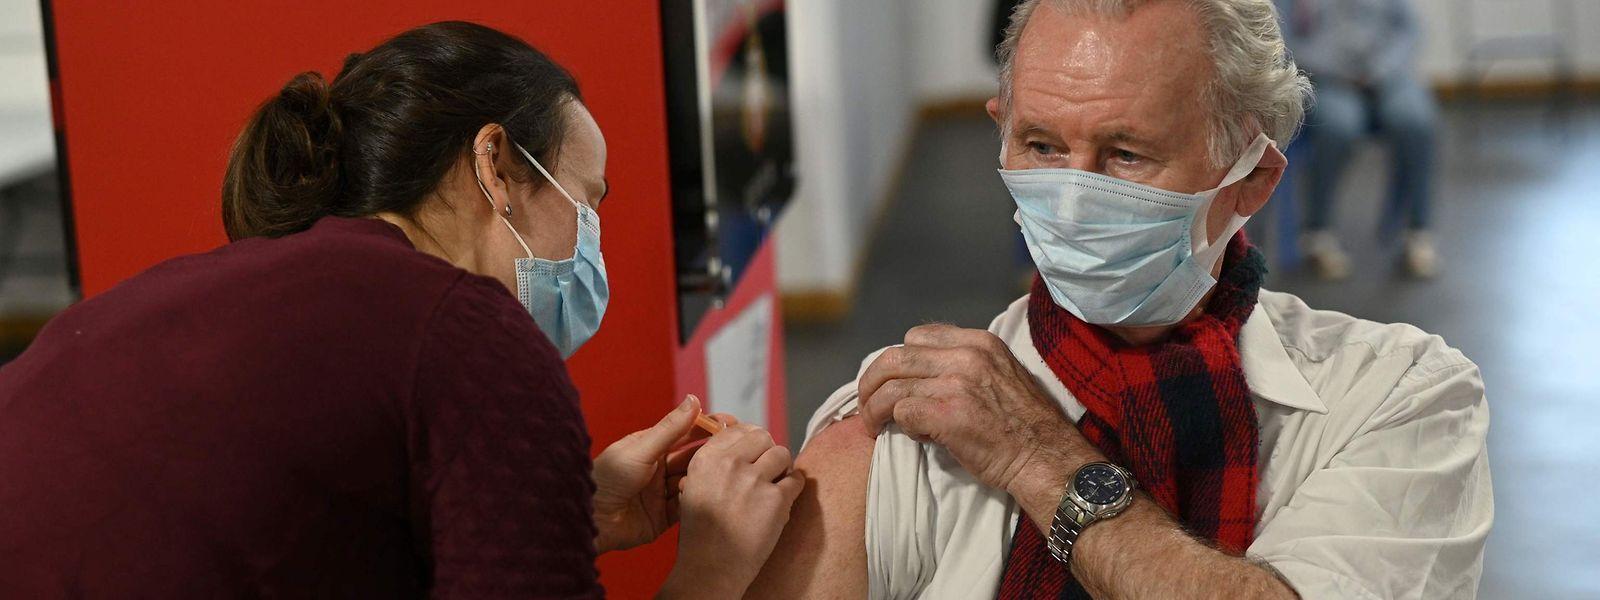 In Großbritannien wird der Impfstoff von Astrazeneca bereits im großen Stil verabreicht.